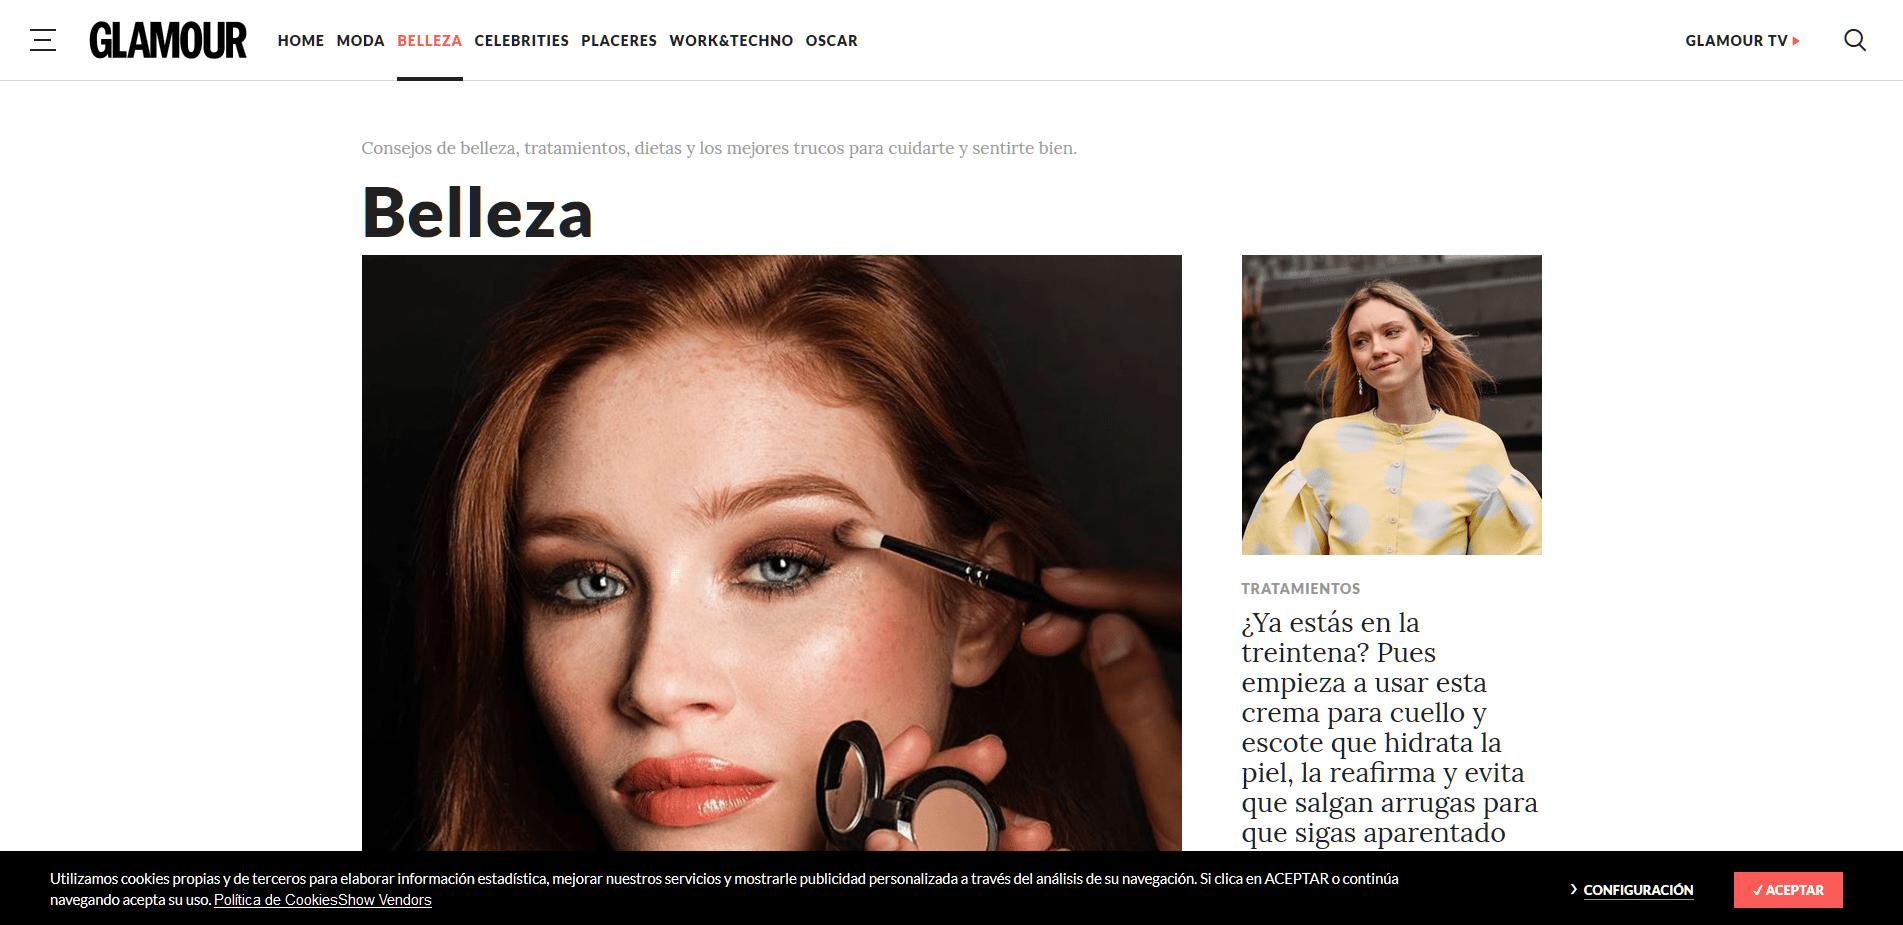 Peluqueria Vigo Sirope 30 Trucos de belleza, consejos y productos para estar más bella